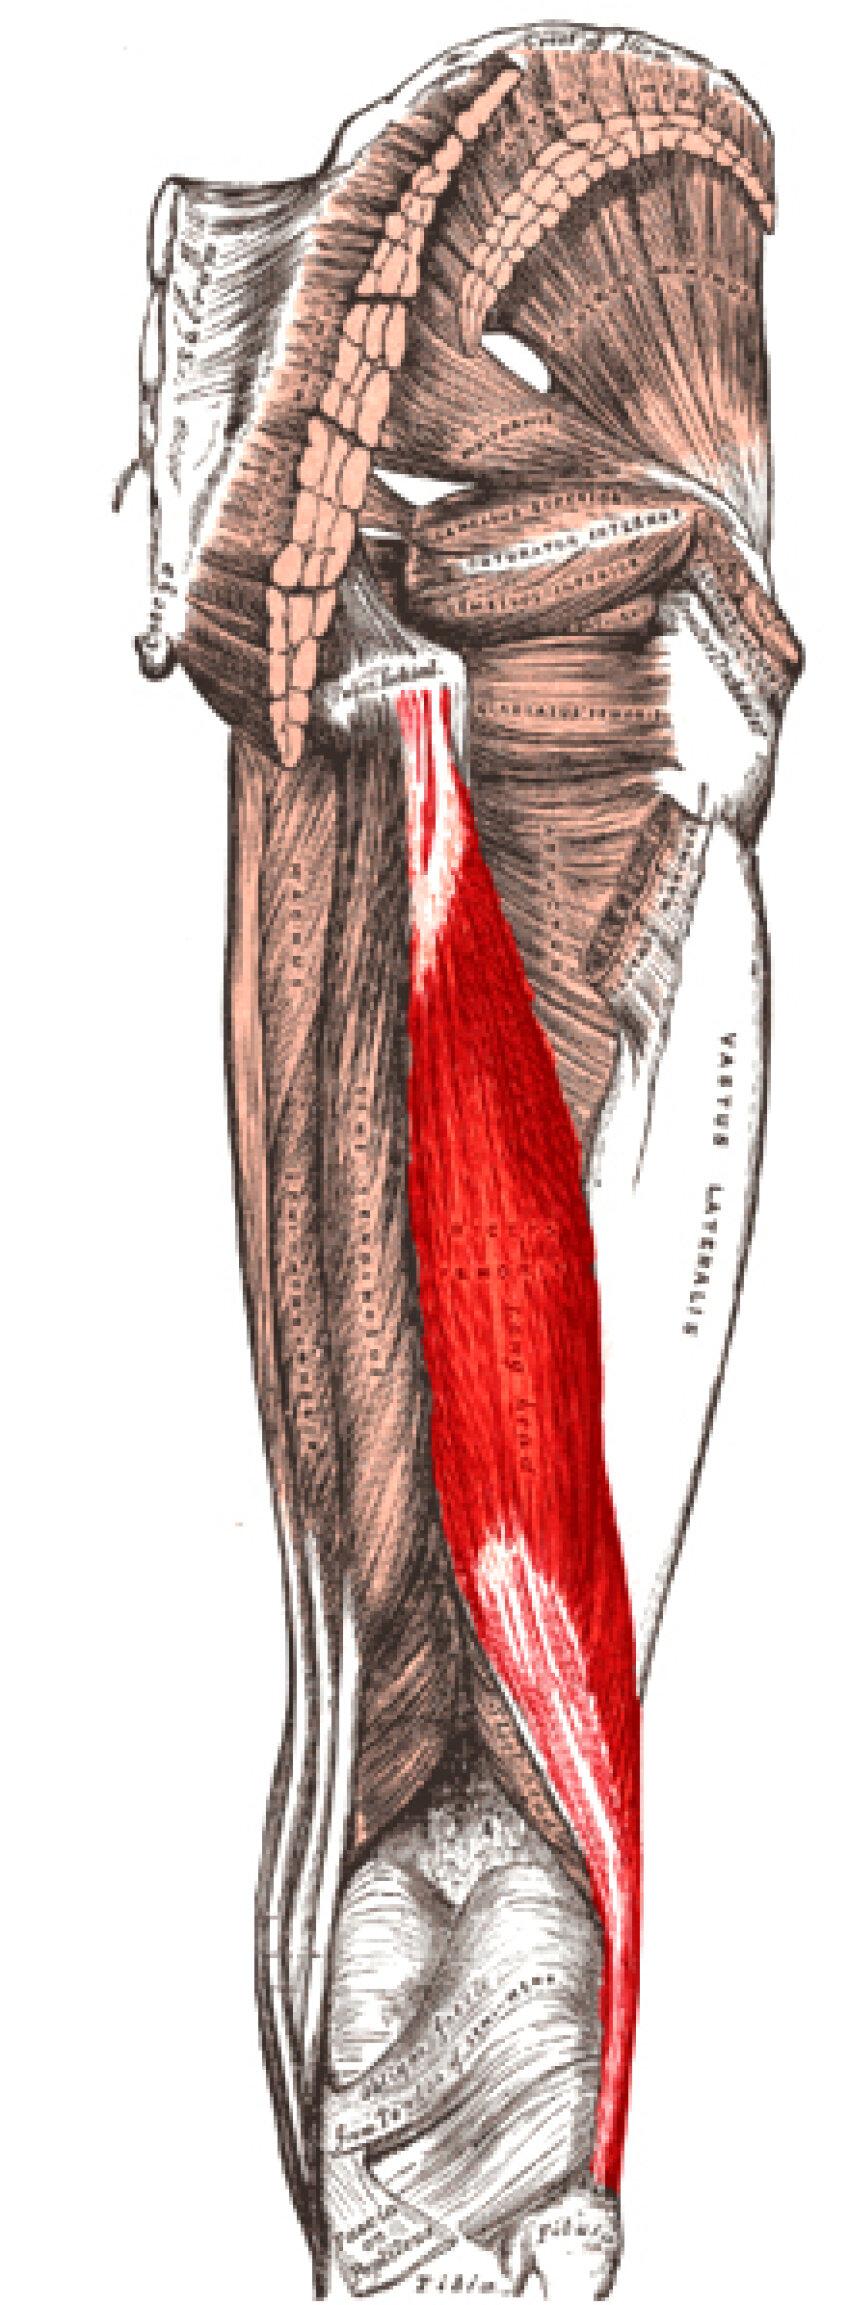 Aşa arată muşchiul care le dă atîtea bătăi de cap celor de la Barcelona